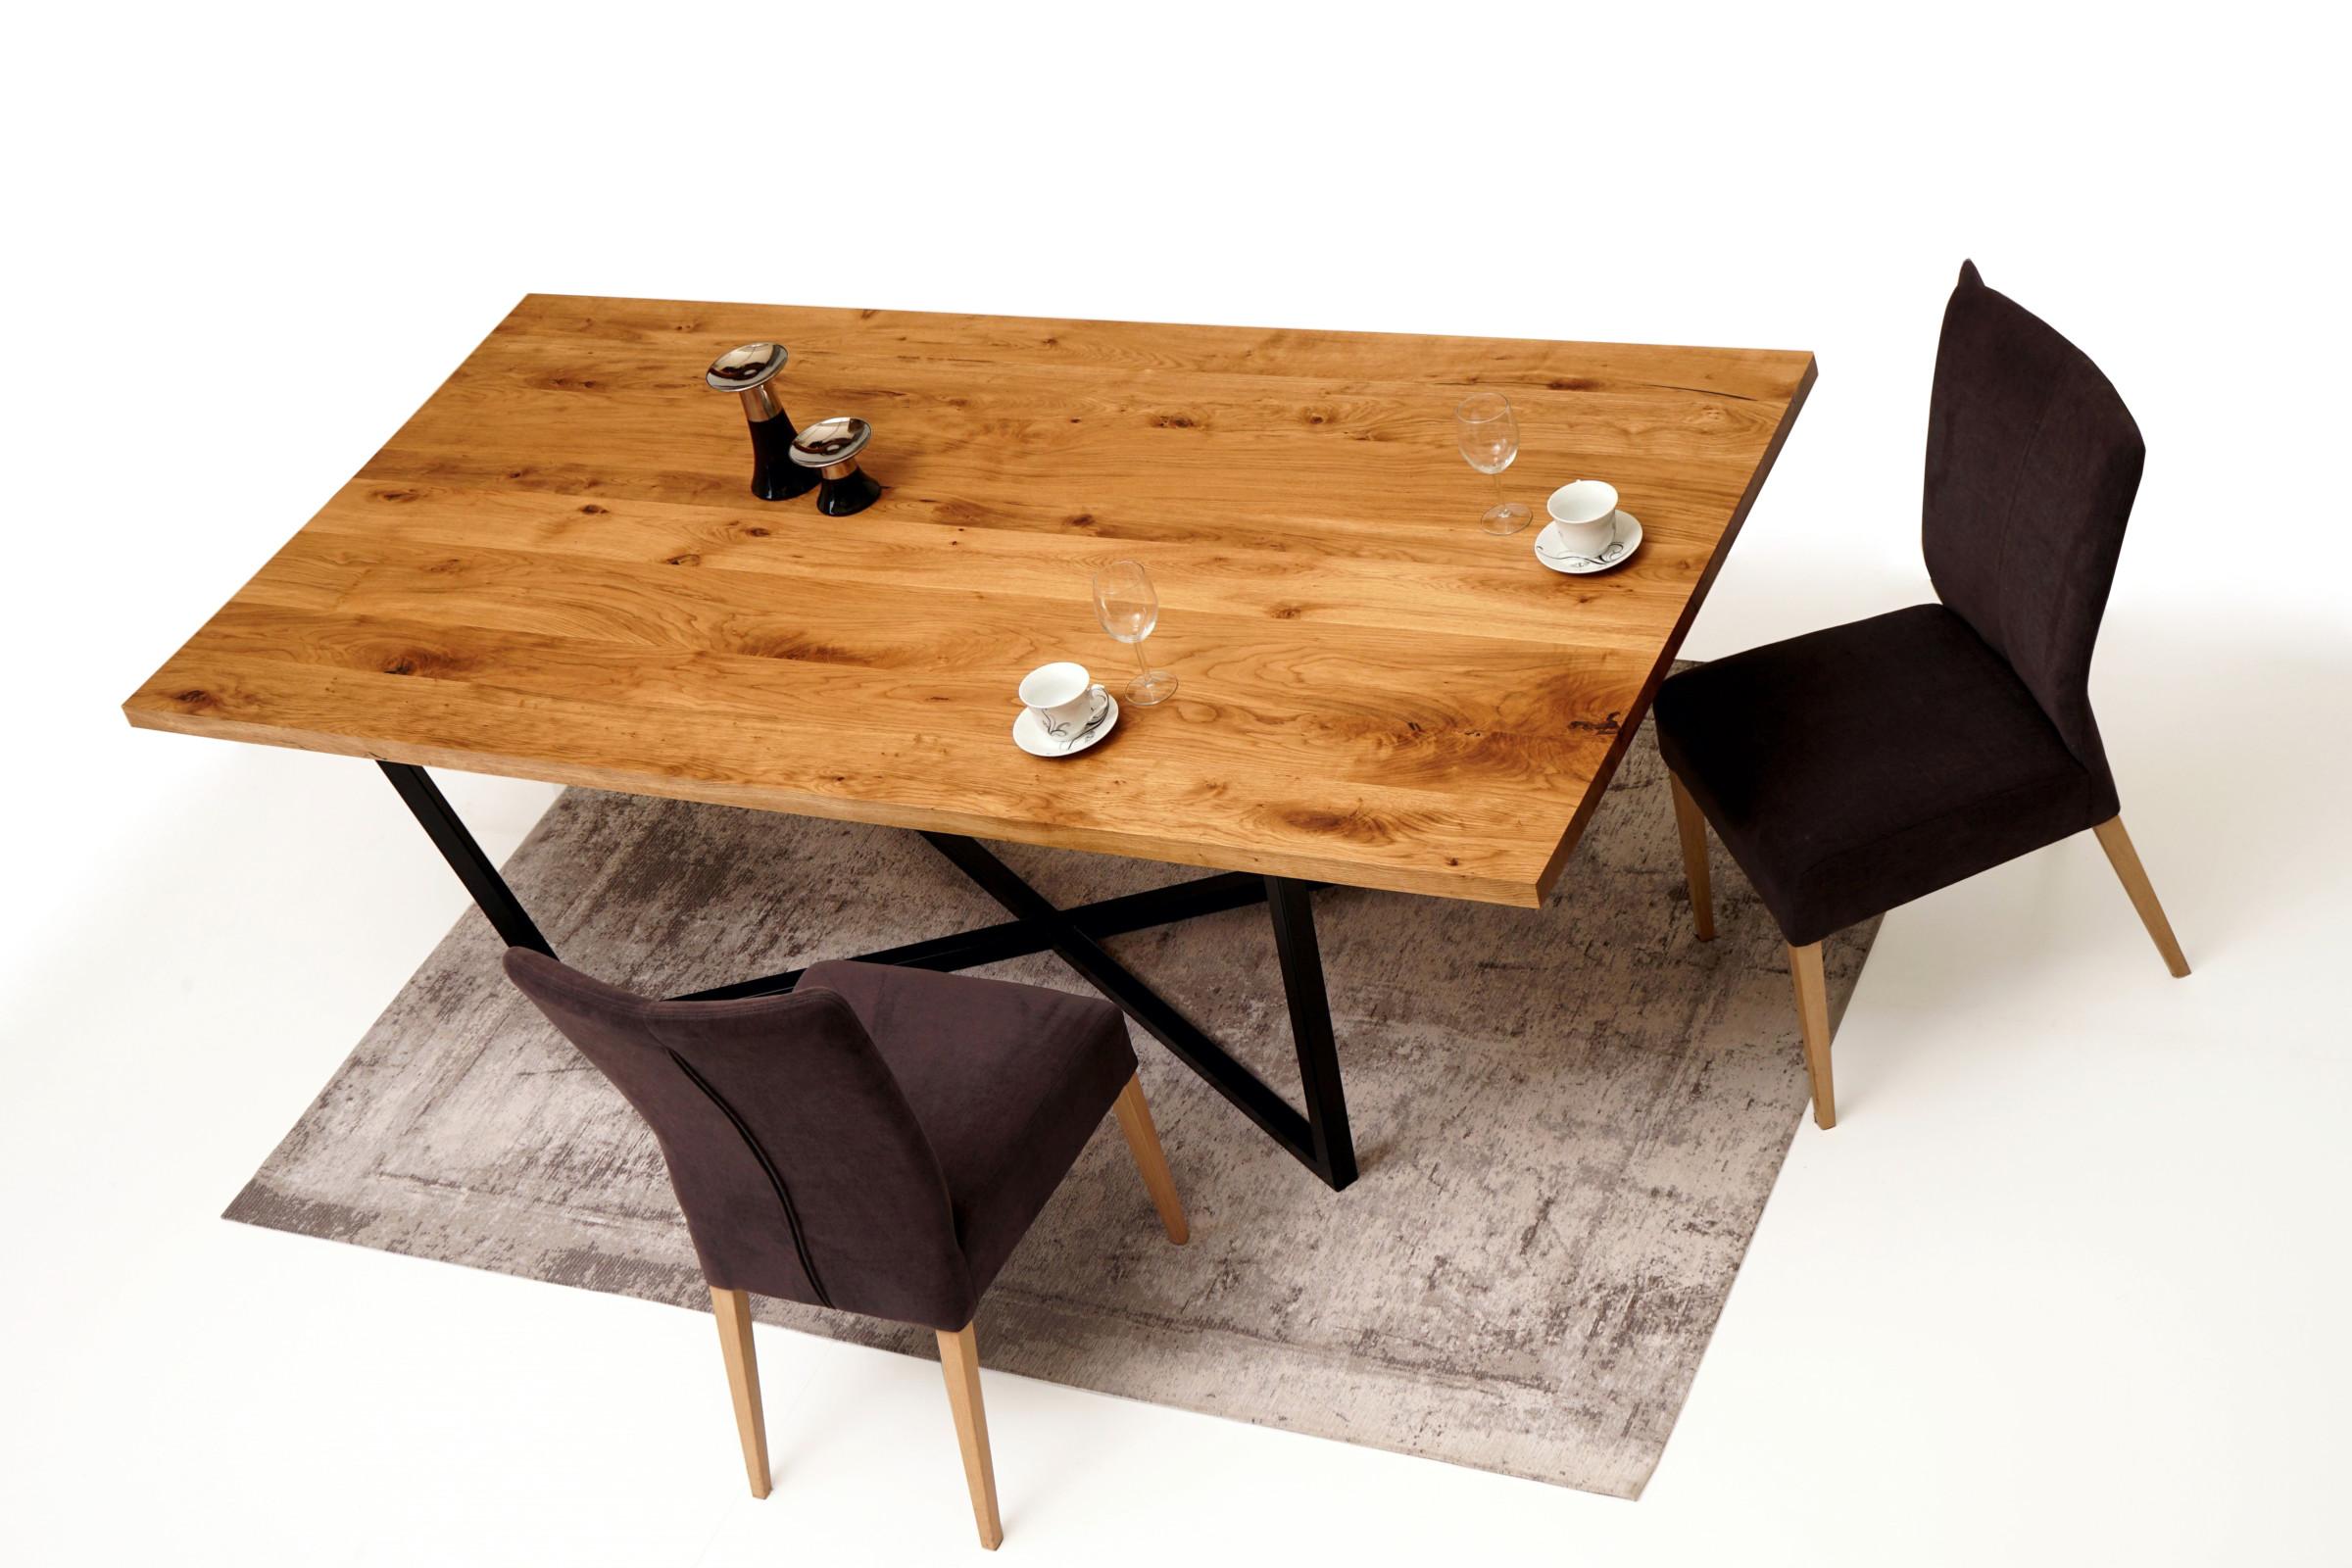 A11 Stól z nogami metalowymi do salonu Brązowe krzesła drewniane